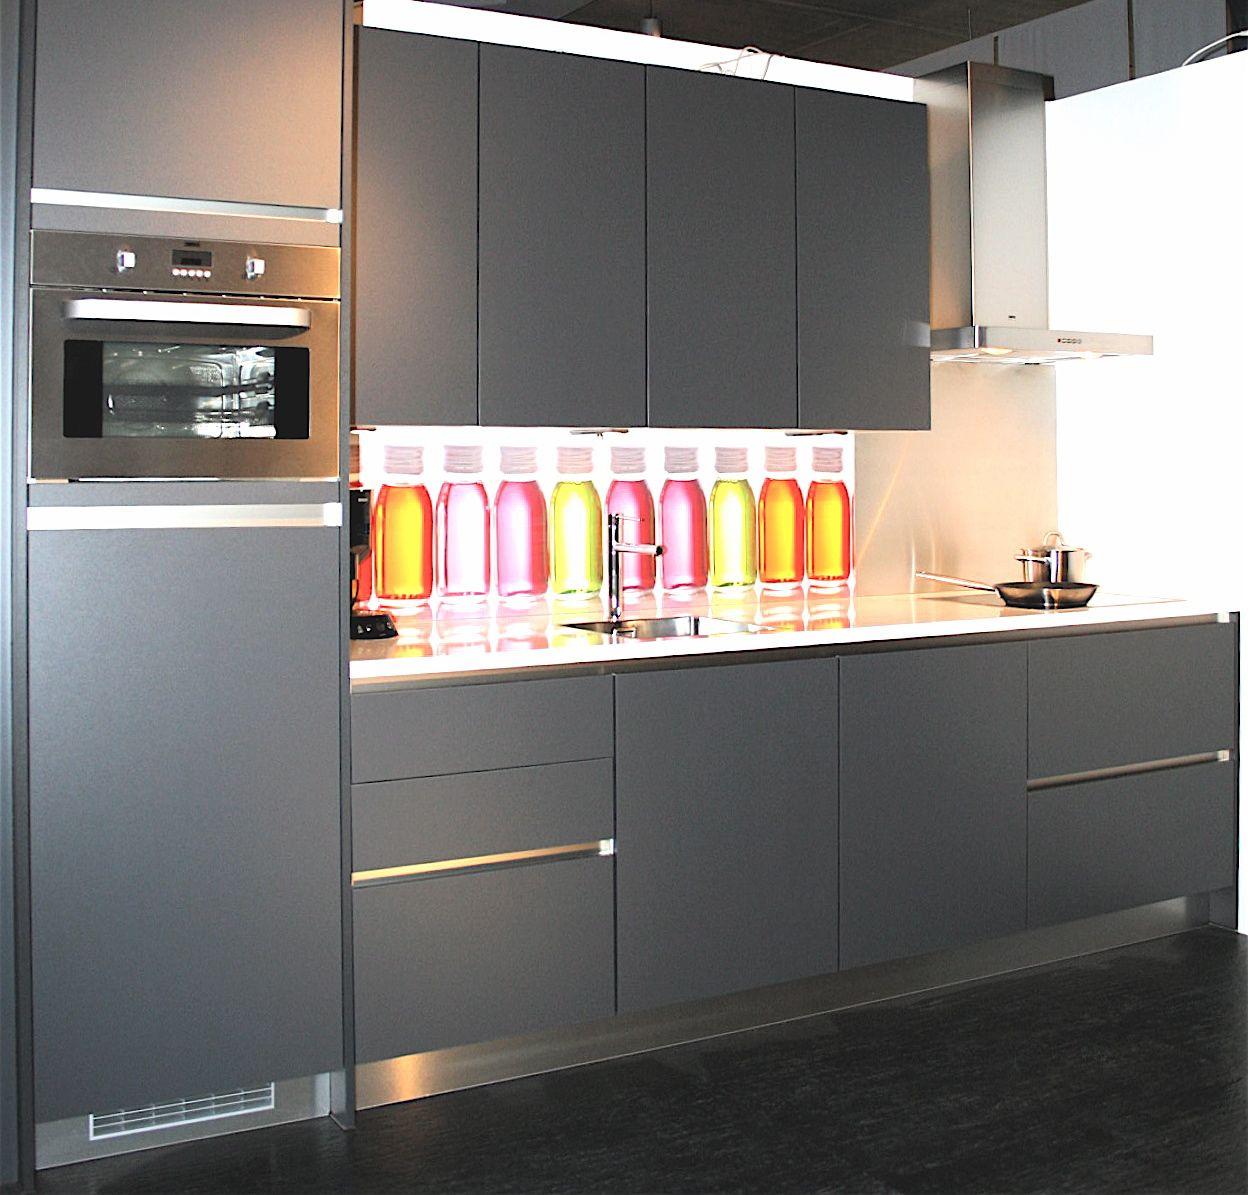 Greeploze Keuken Wit Mat : Keuken Wit Mat Greeploze ~ Meubilair Ideeën en Home Design